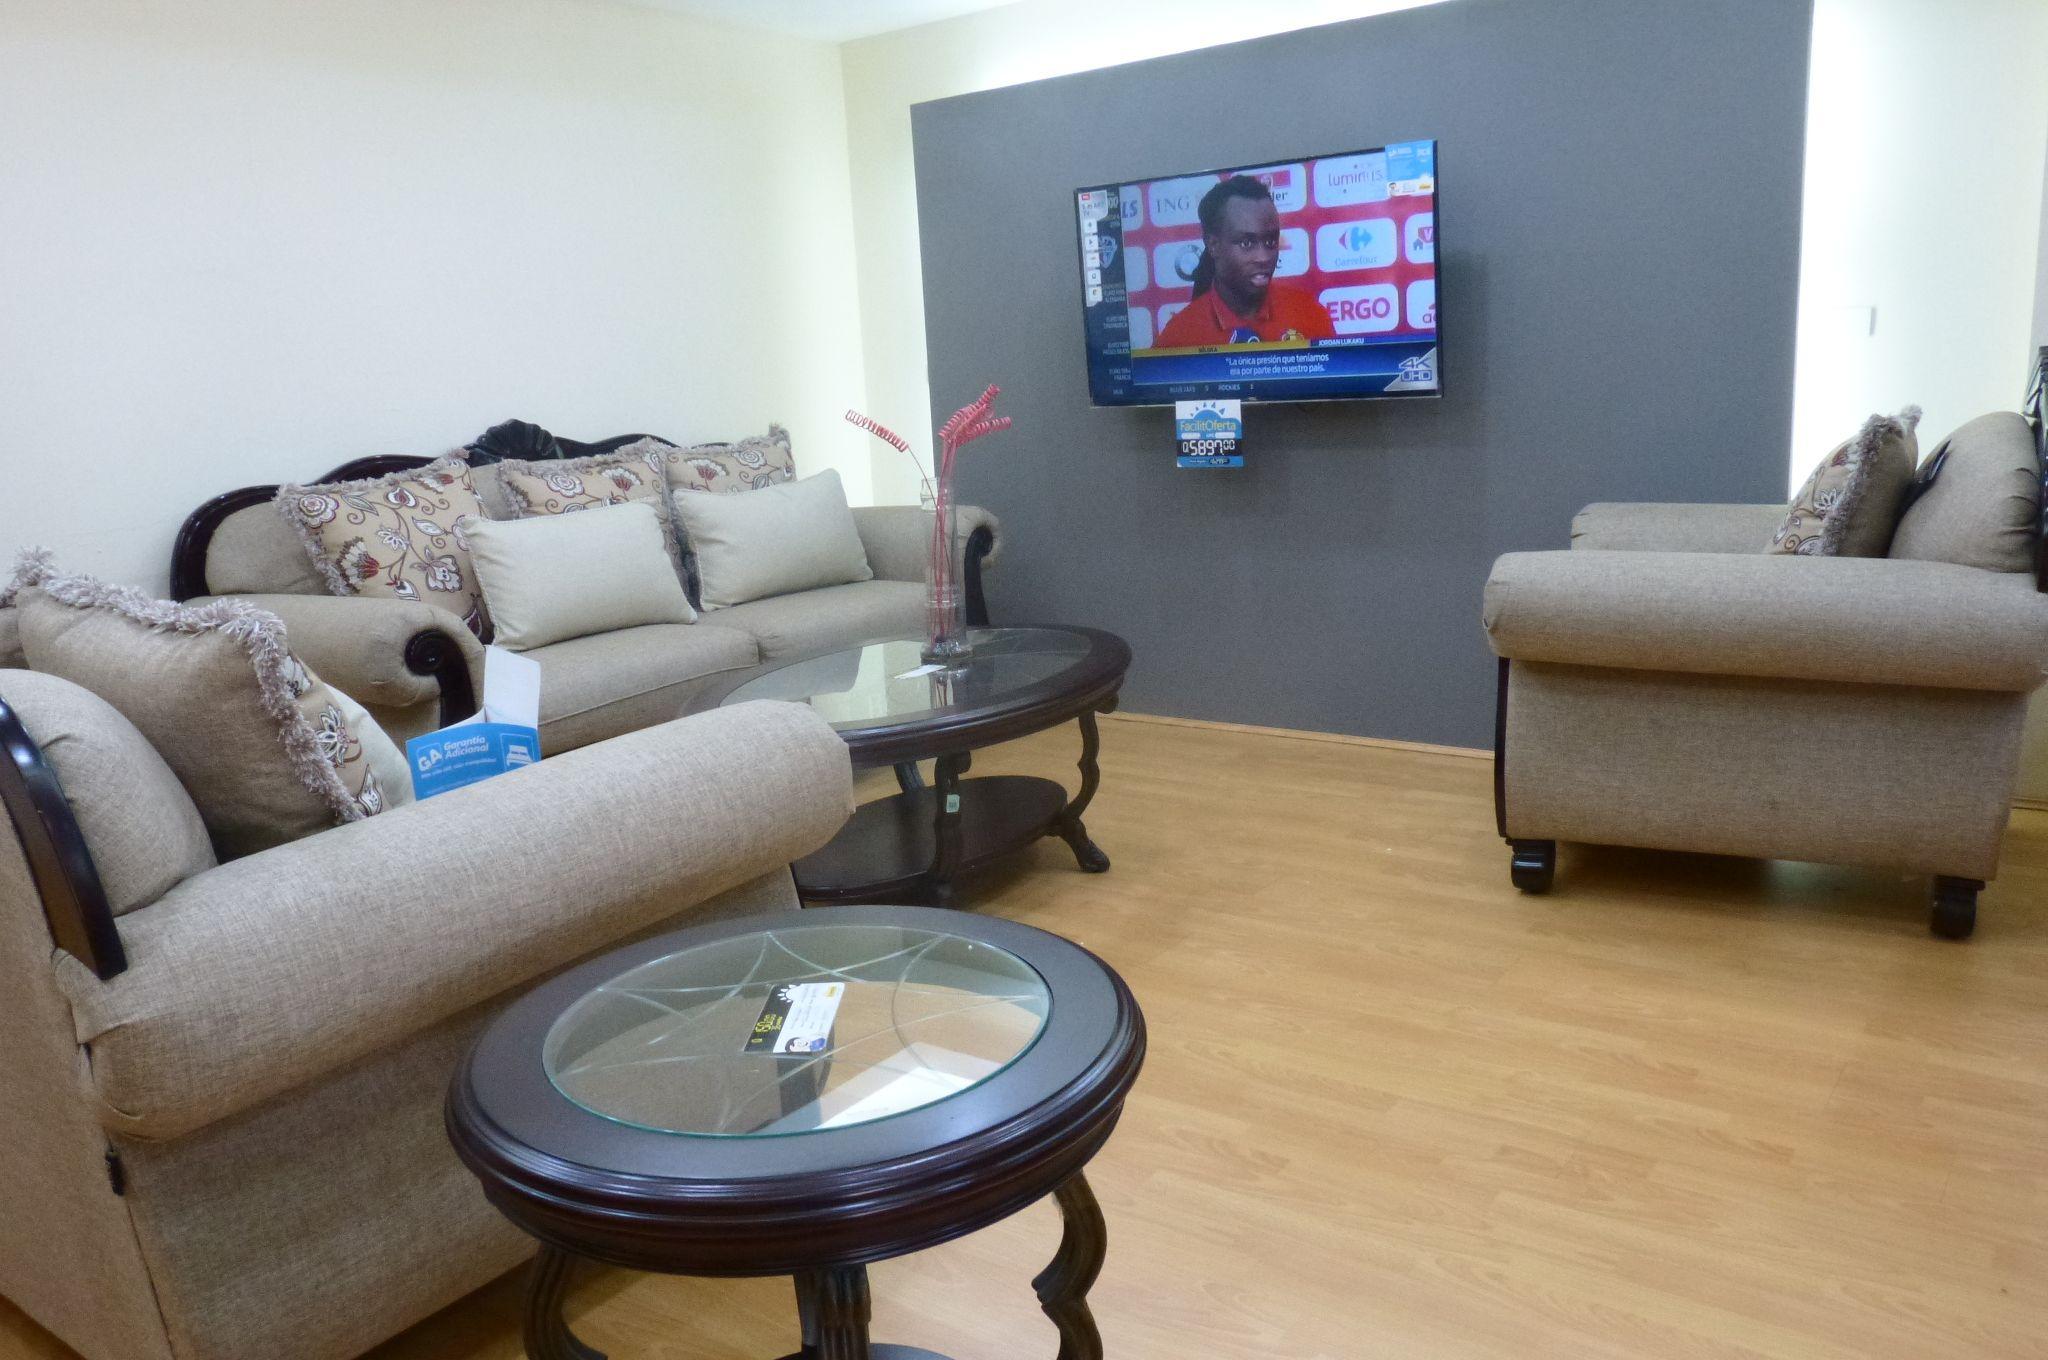 Pin by la curacao on comodidad y descanso muebles sala for Saga falabella muebles de sala ofertas